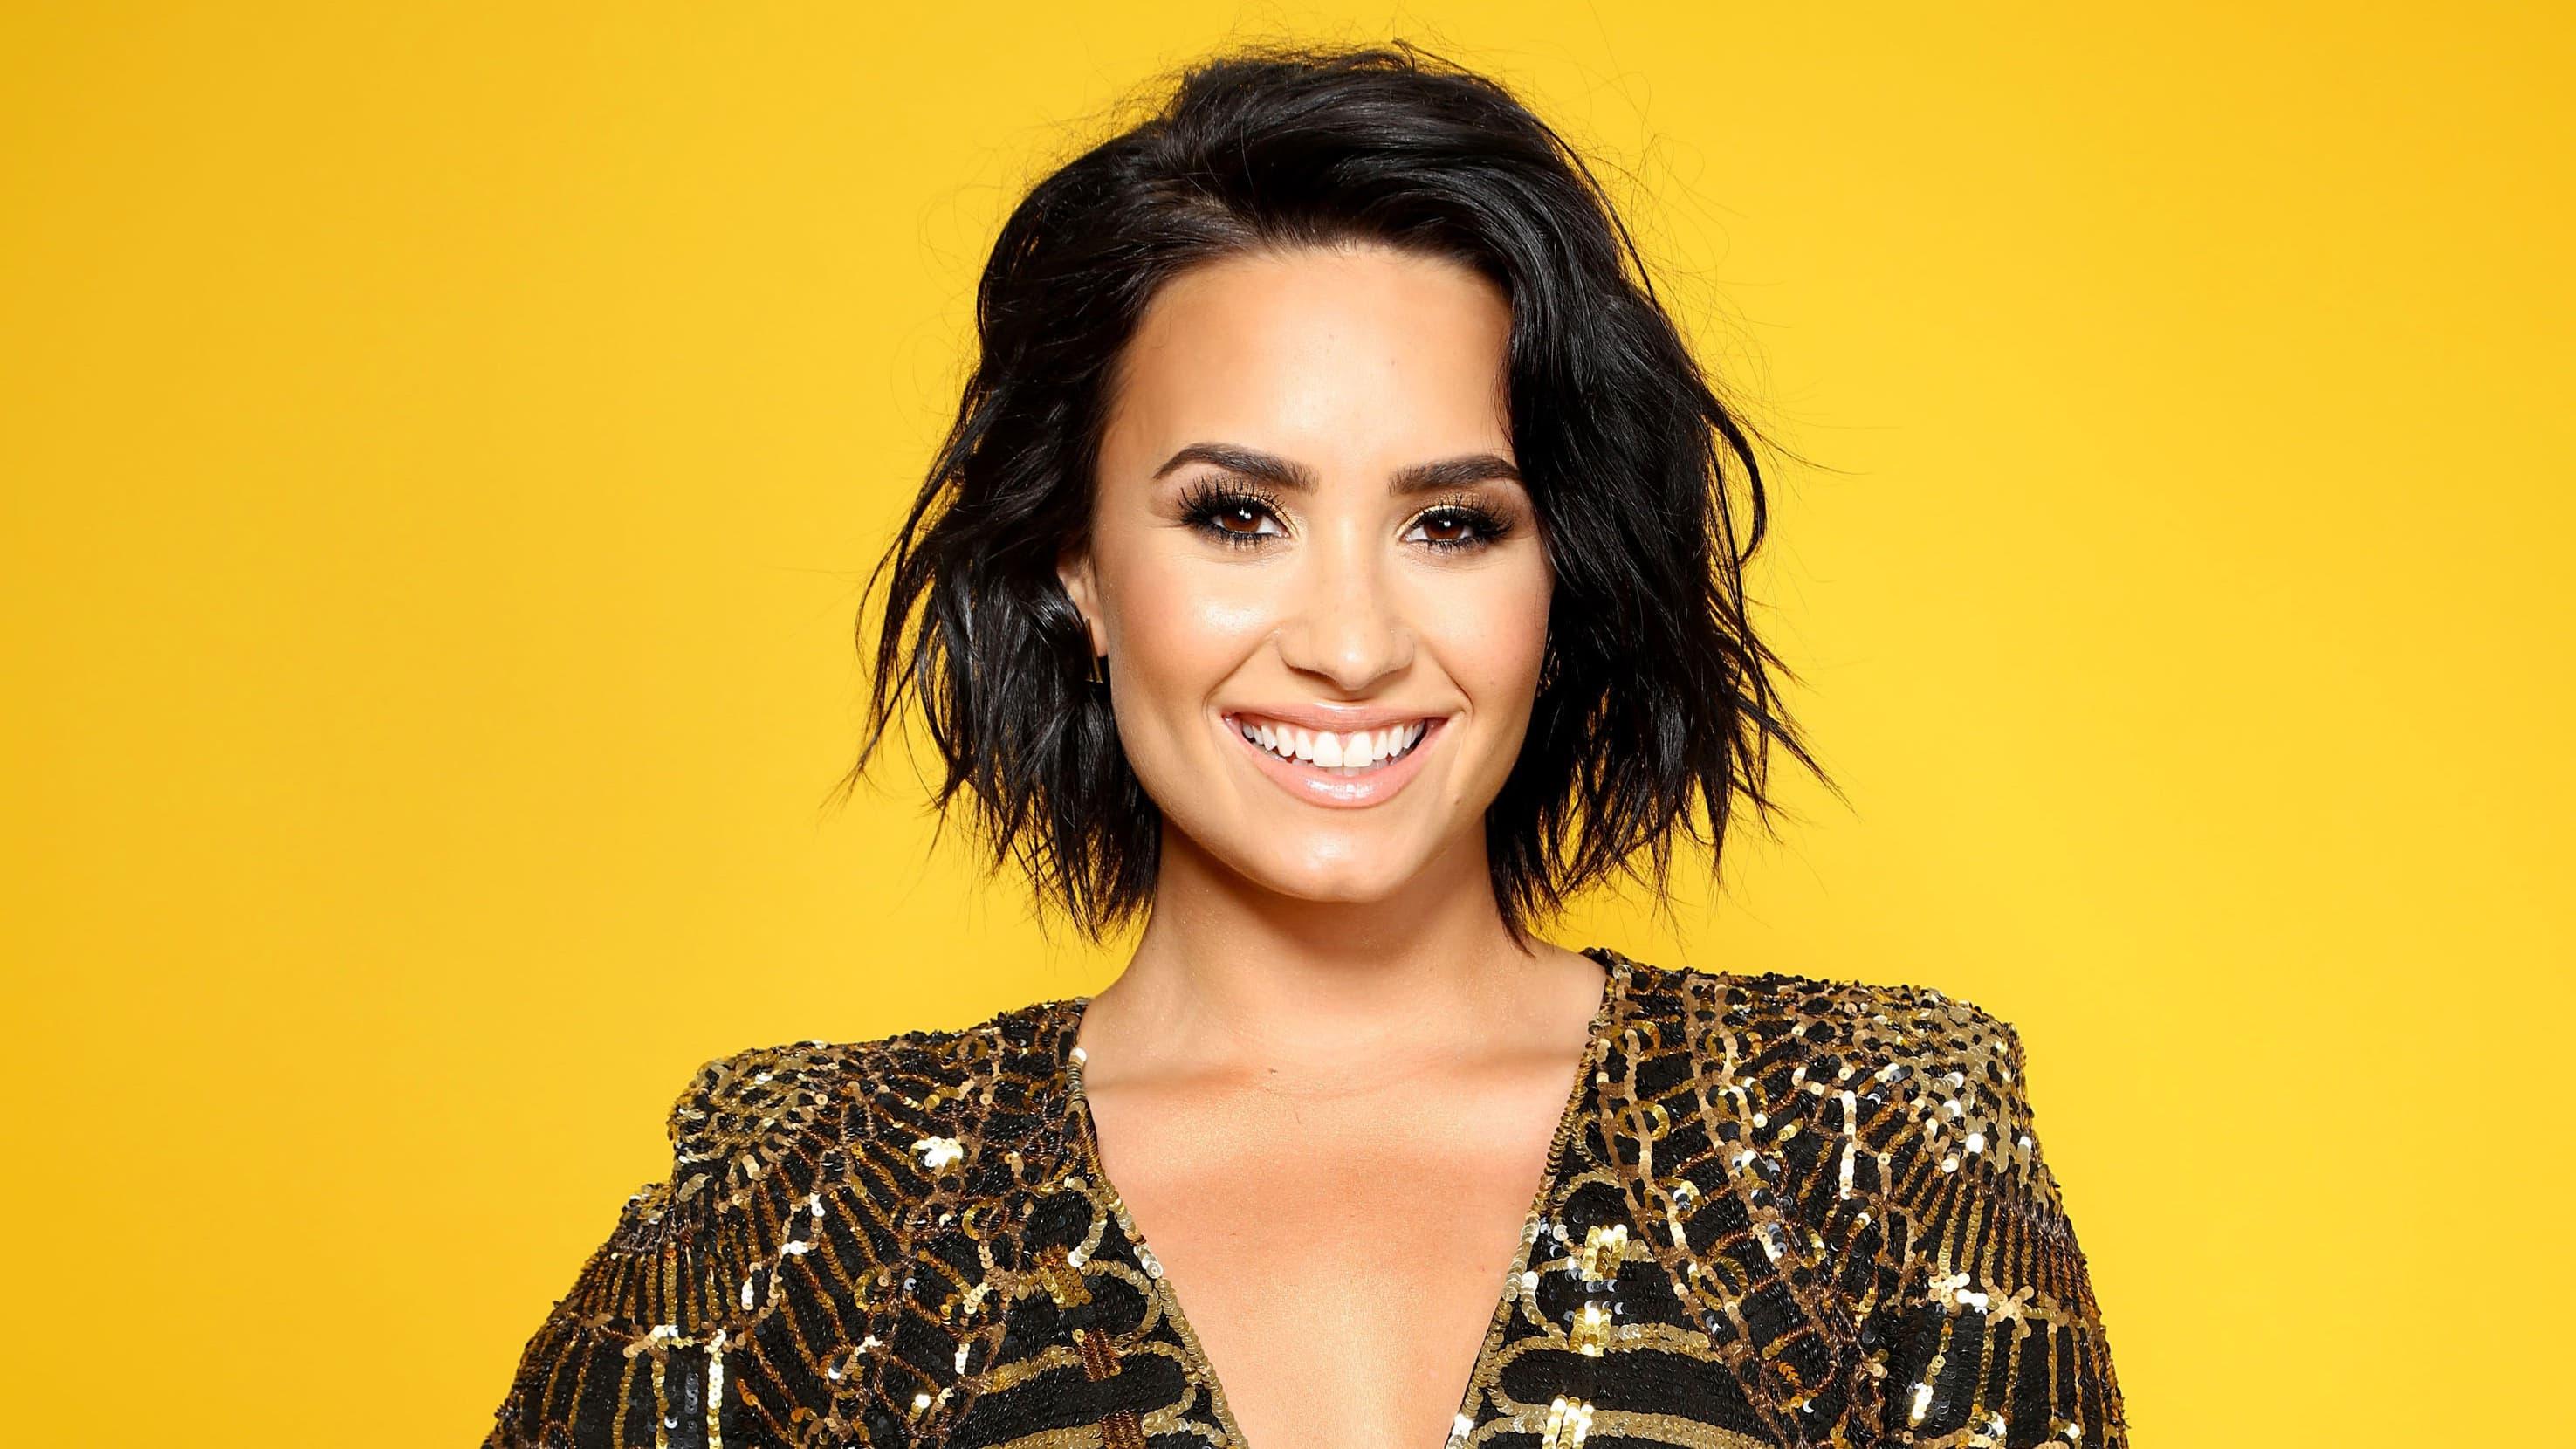 Free Landscape Wallpaper Hd Demi Lovato Smile Wallpaper Background 62198 2951x1660 Px